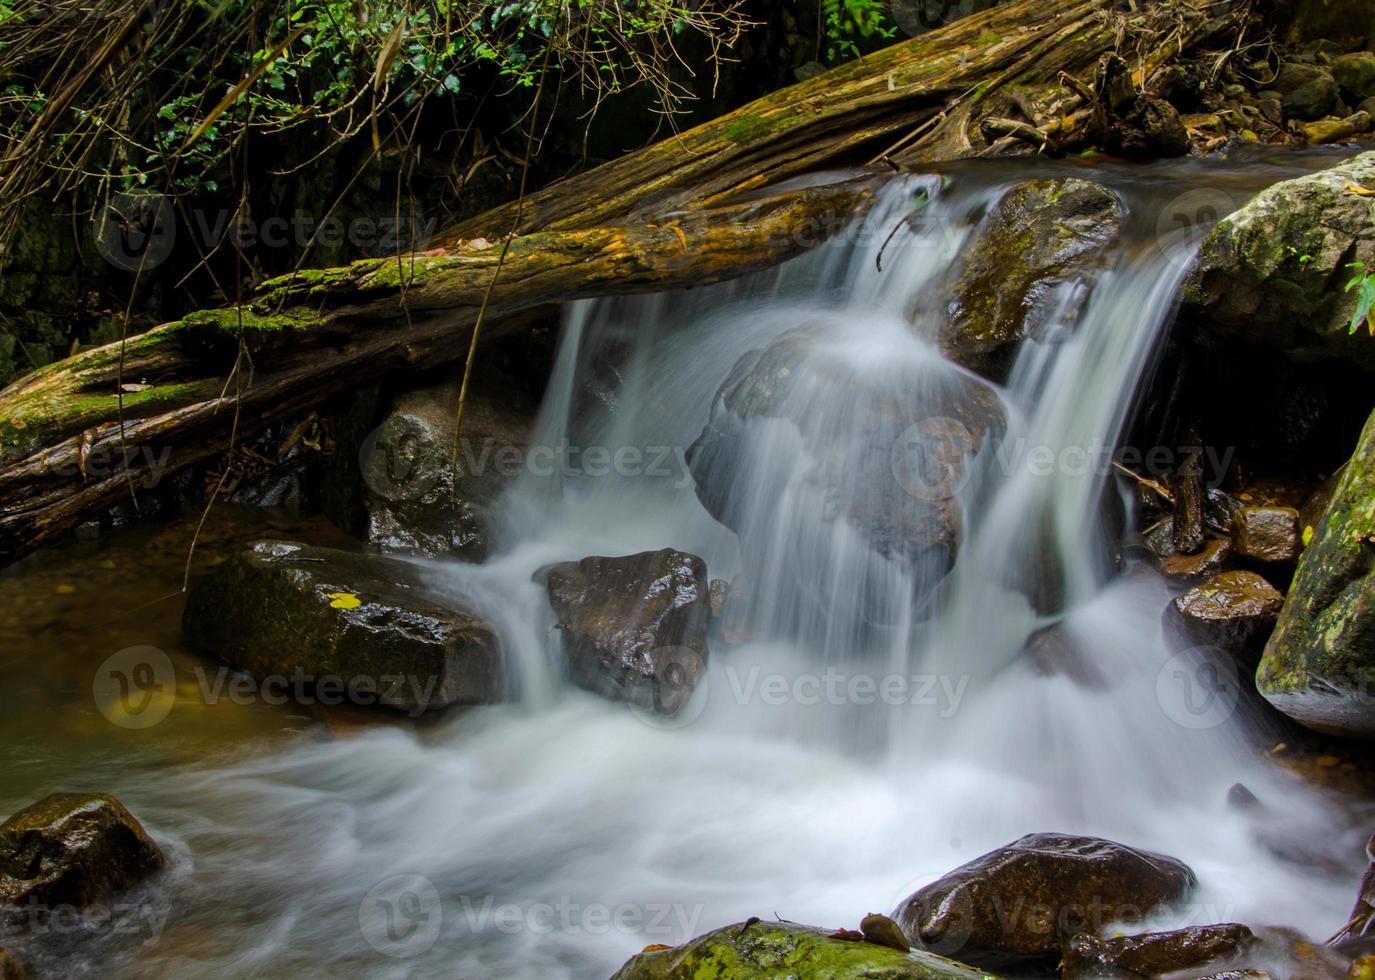 waterval in diepe regenwoud jungle foto